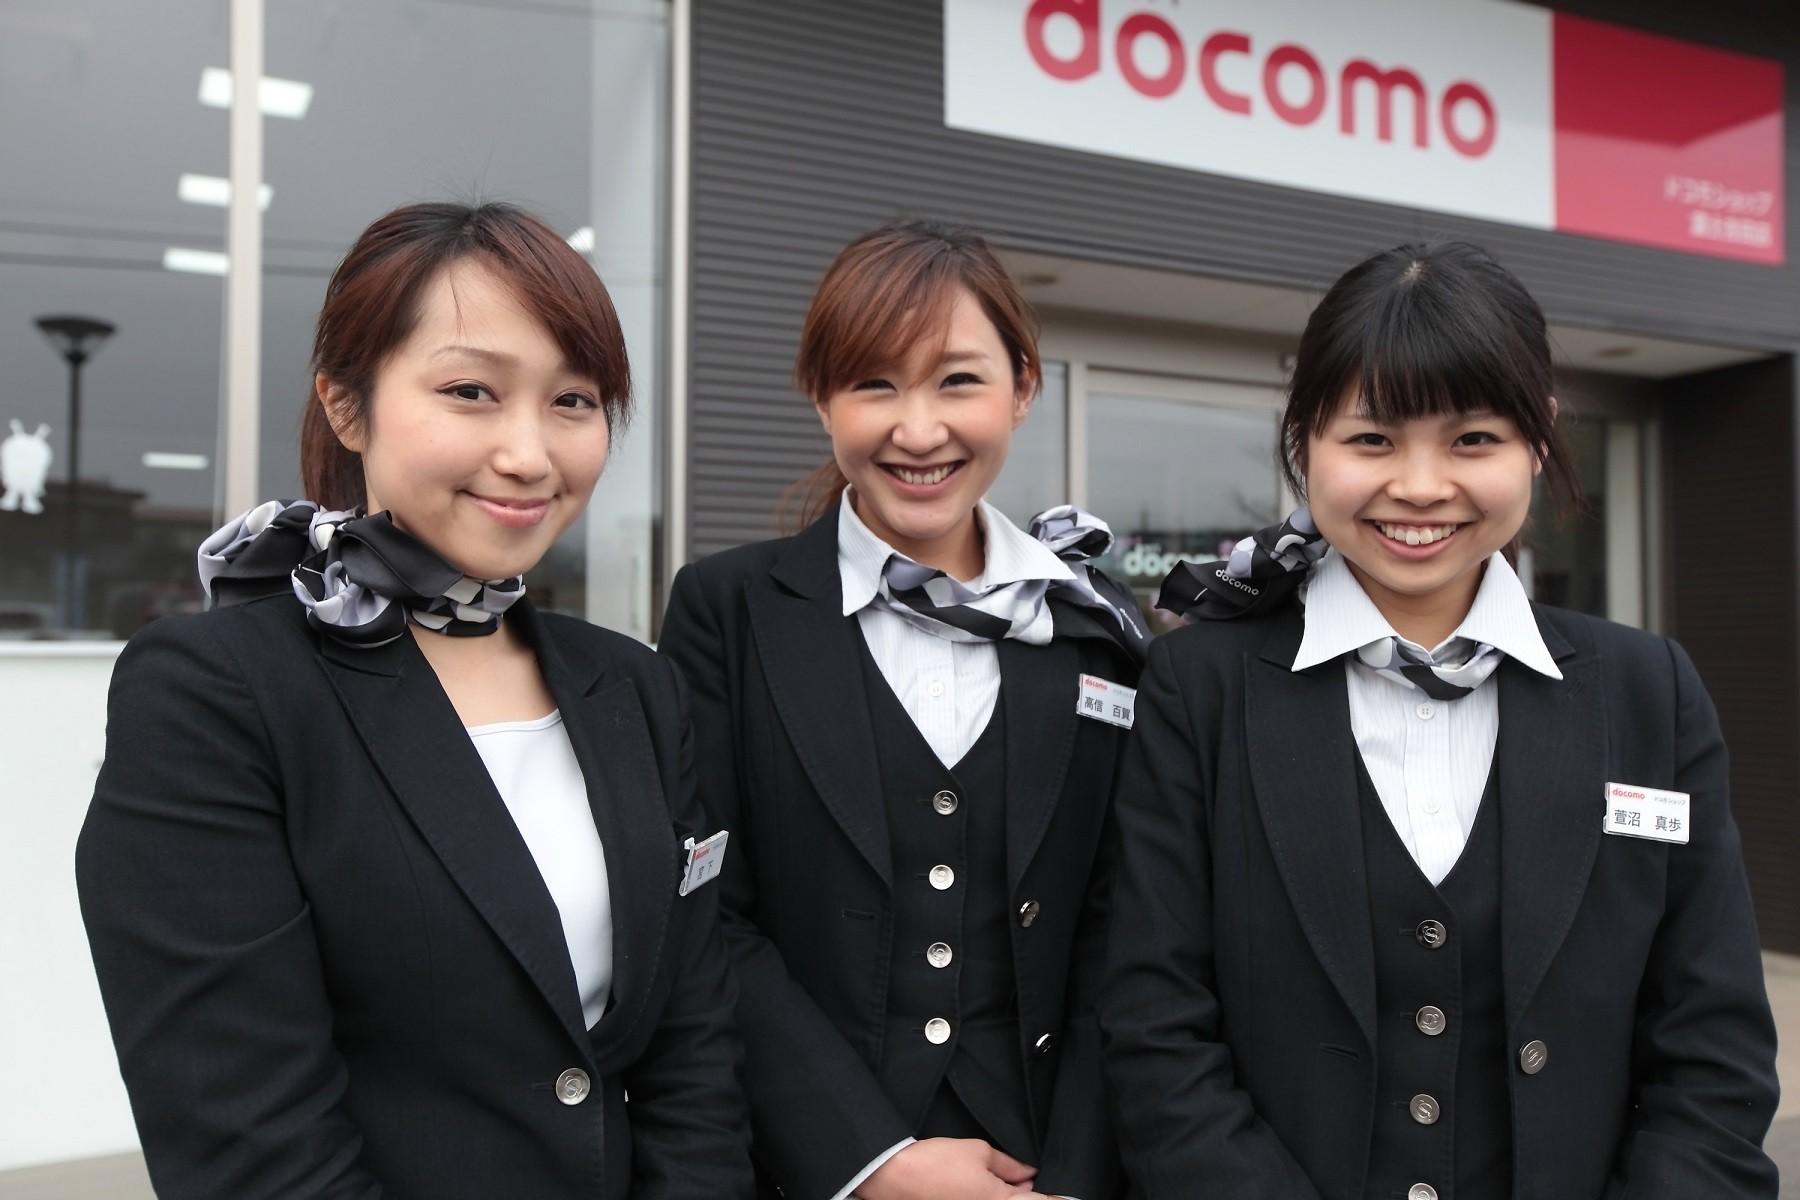 ドコモショップ 富士吉田店 のアルバイト情報